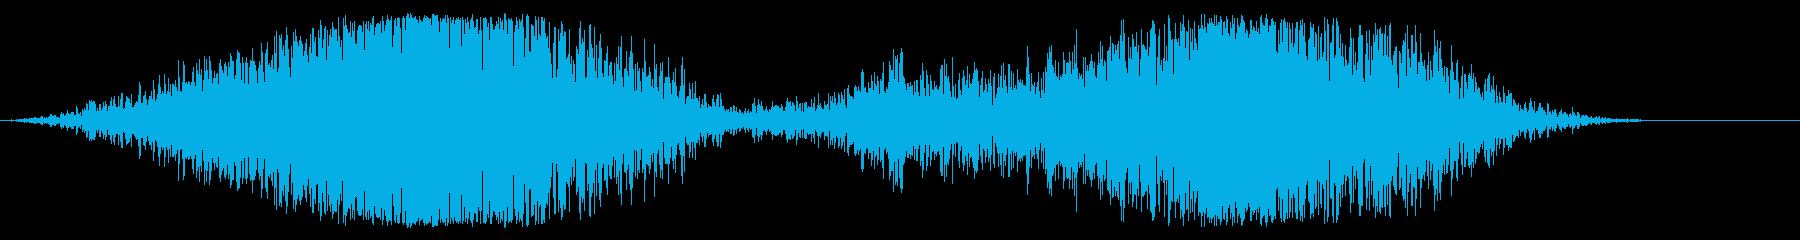 ボーイング飛行機離陸の再生済みの波形